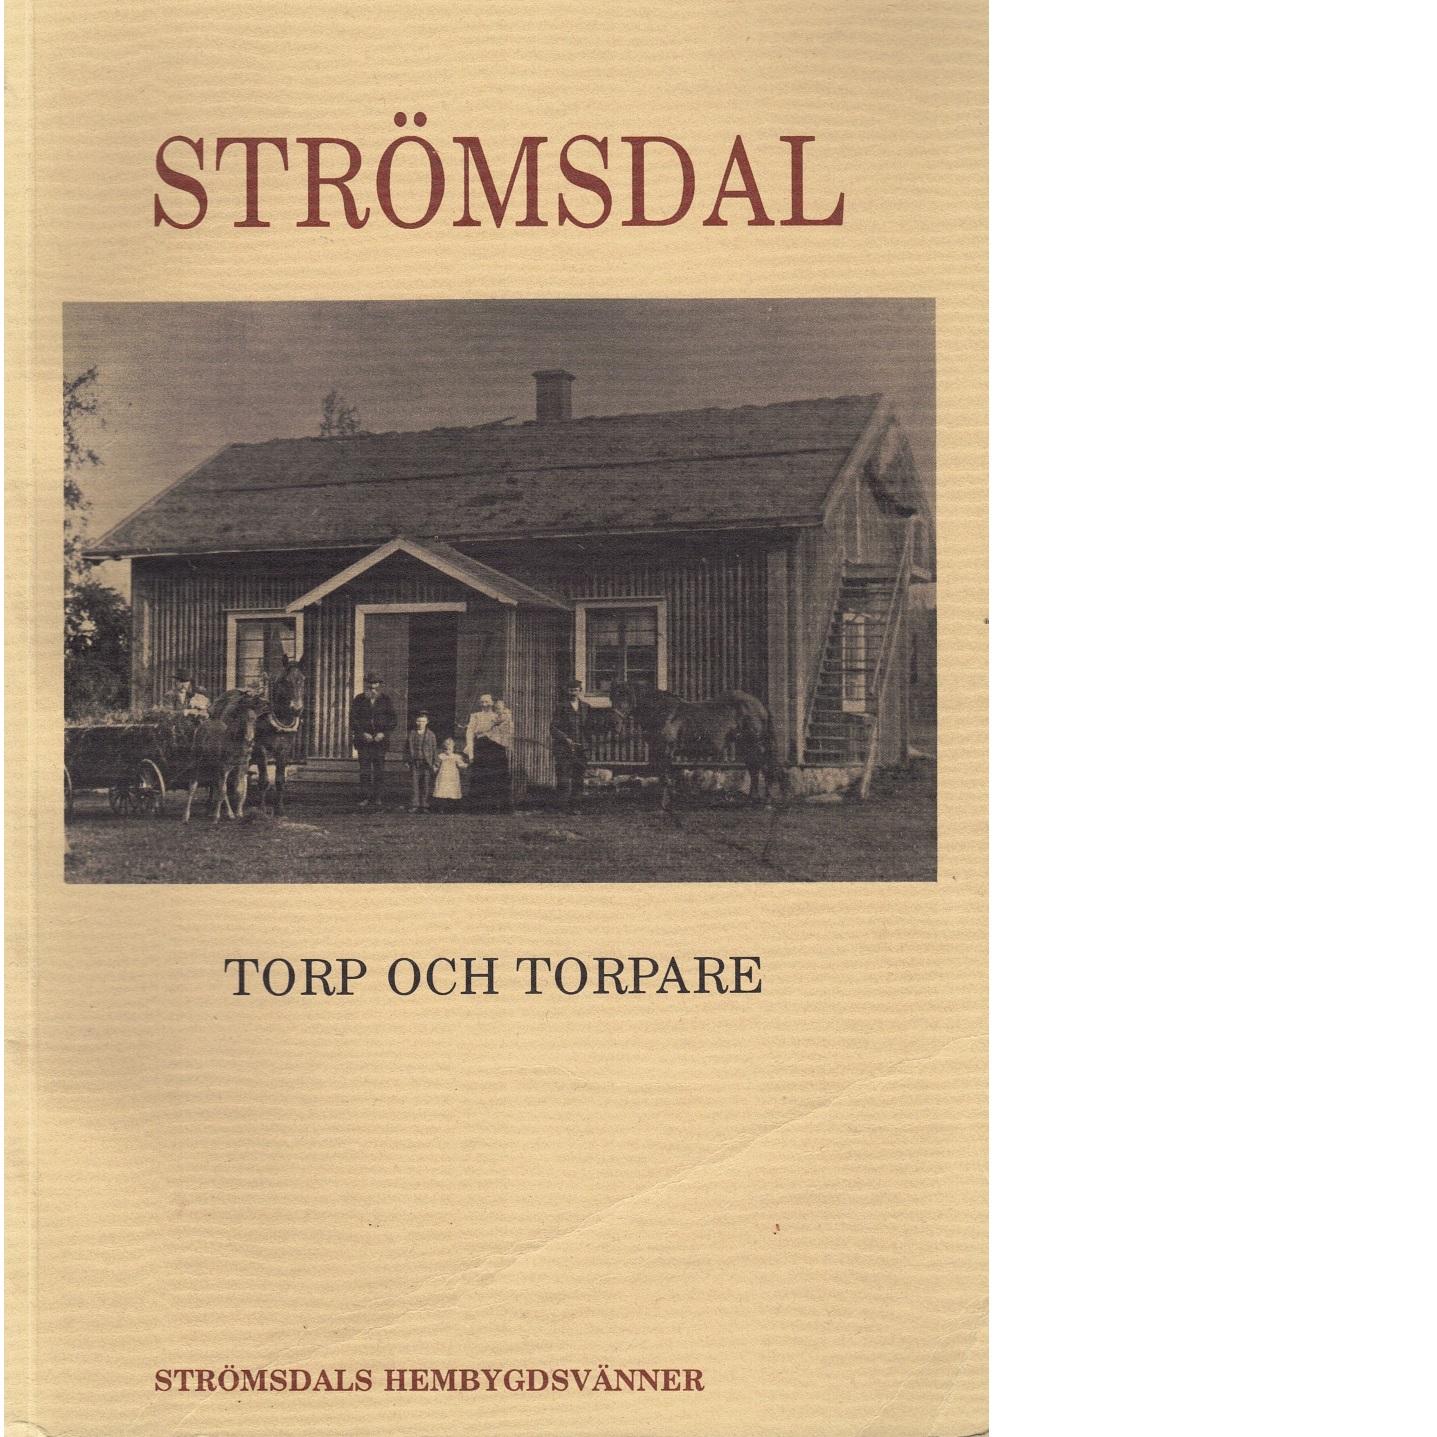 Strömsdal Torp och torpare - Red.